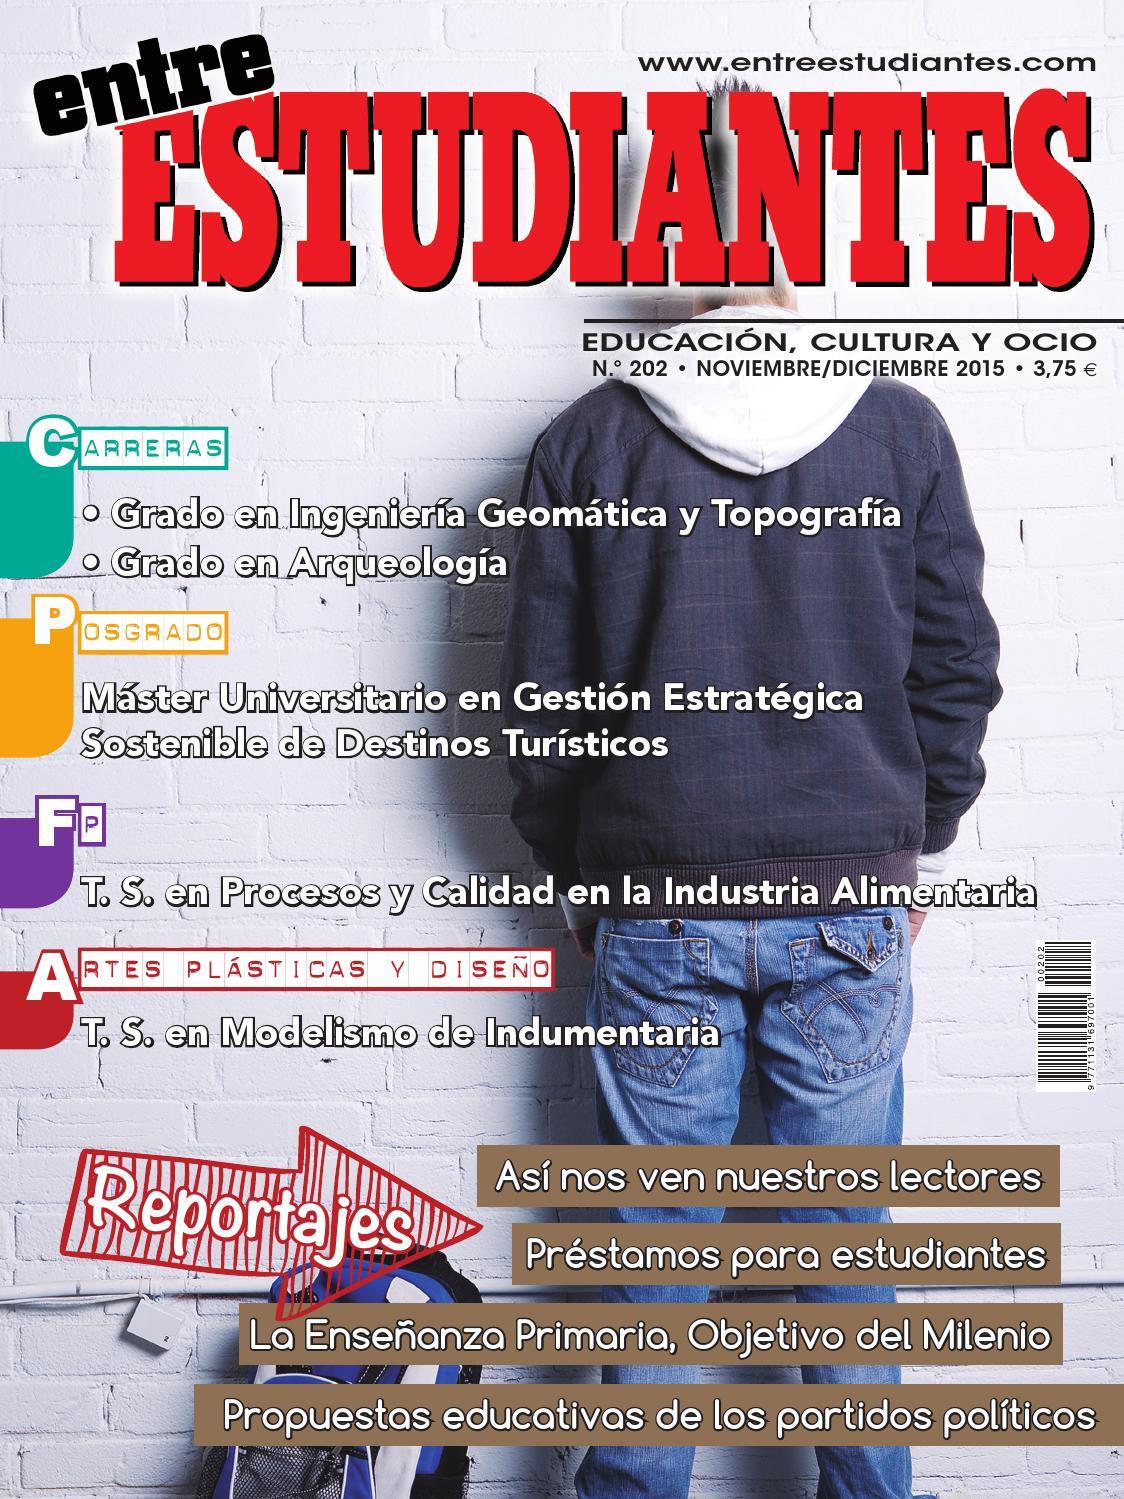 Entre Estudiantes - 202 by Peldaño - issuu